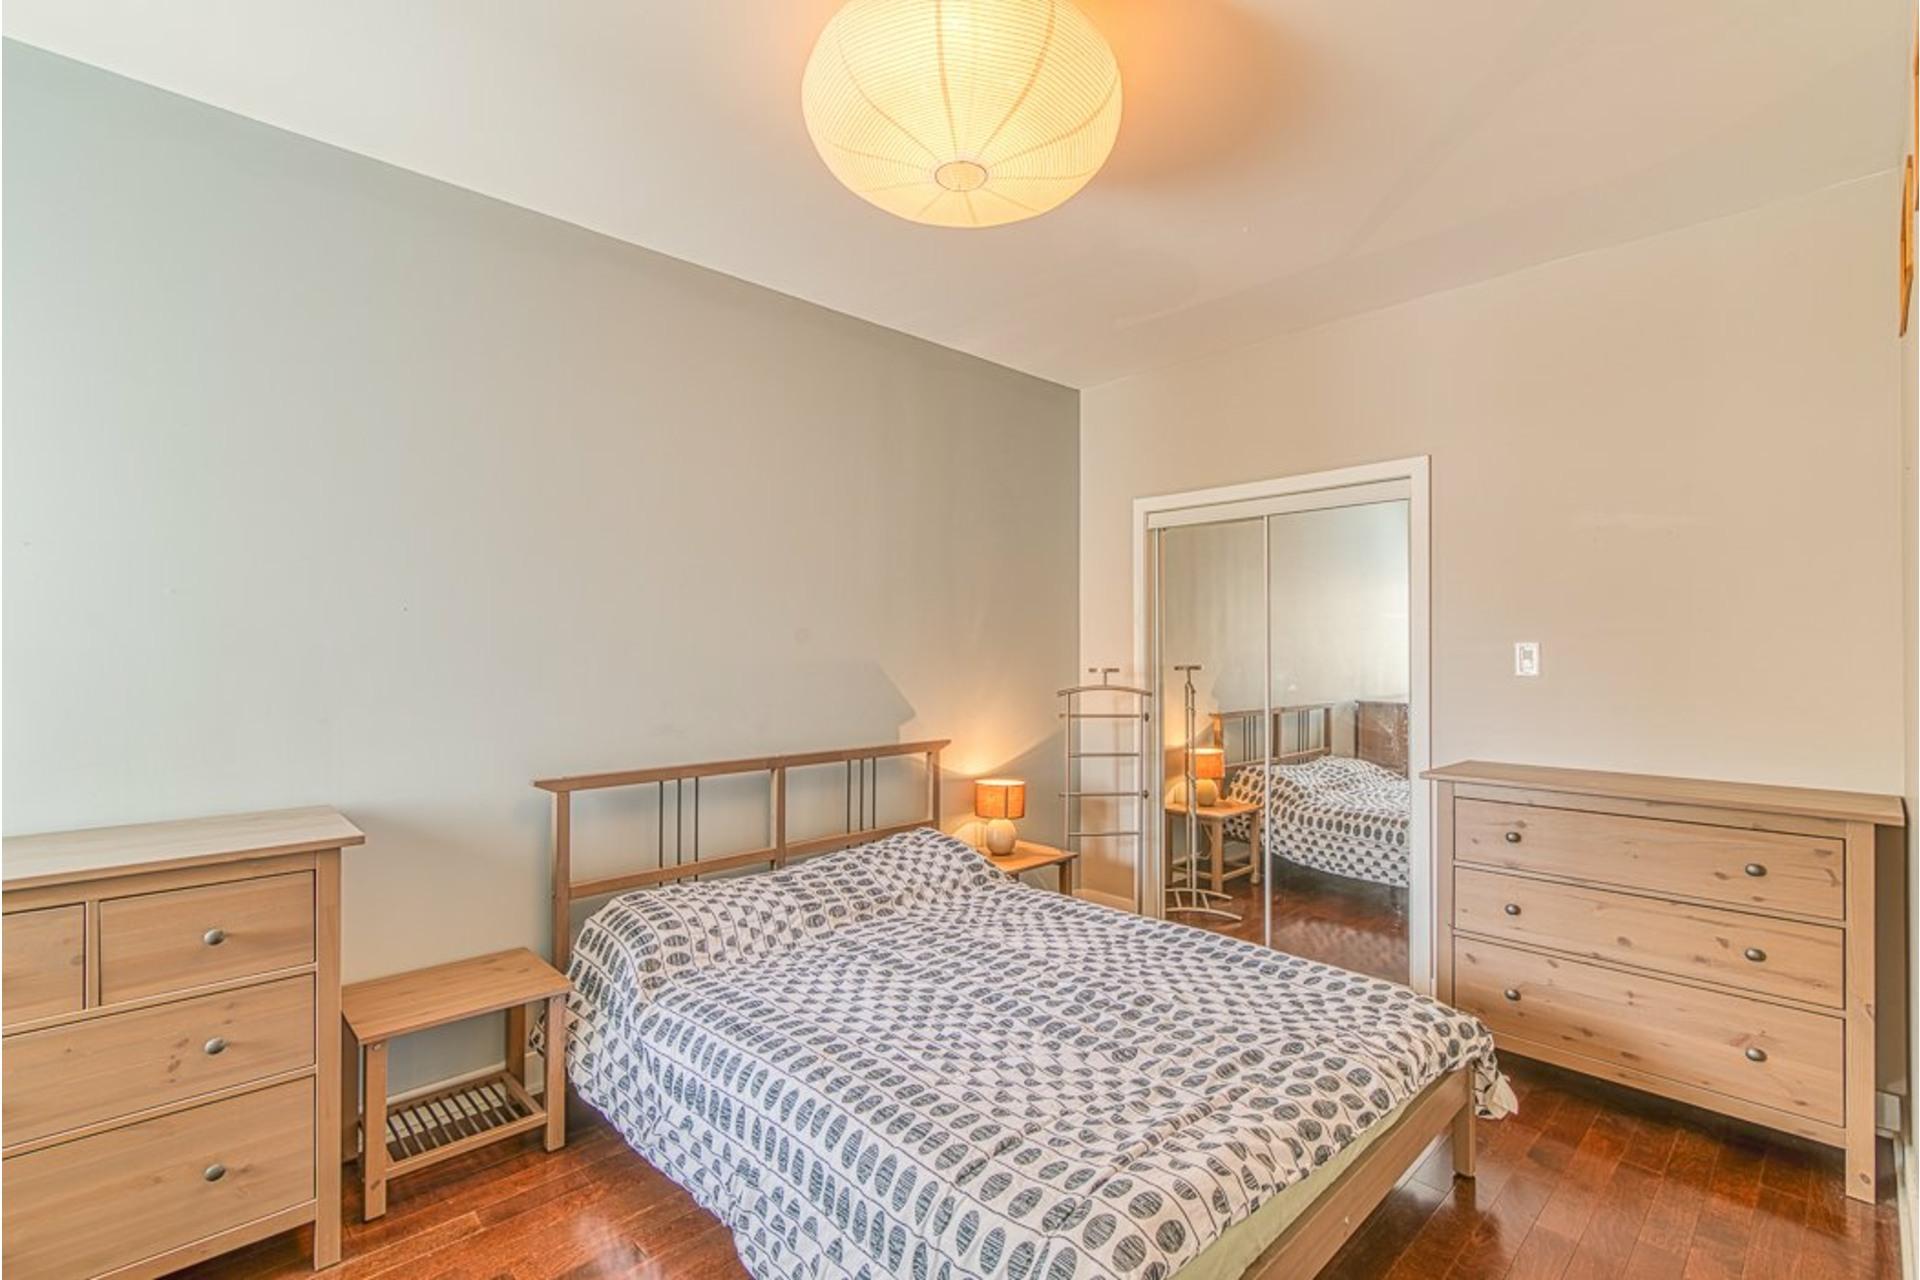 image 16 - Appartement À vendre Villeray/Saint-Michel/Parc-Extension Montréal  - 6 pièces